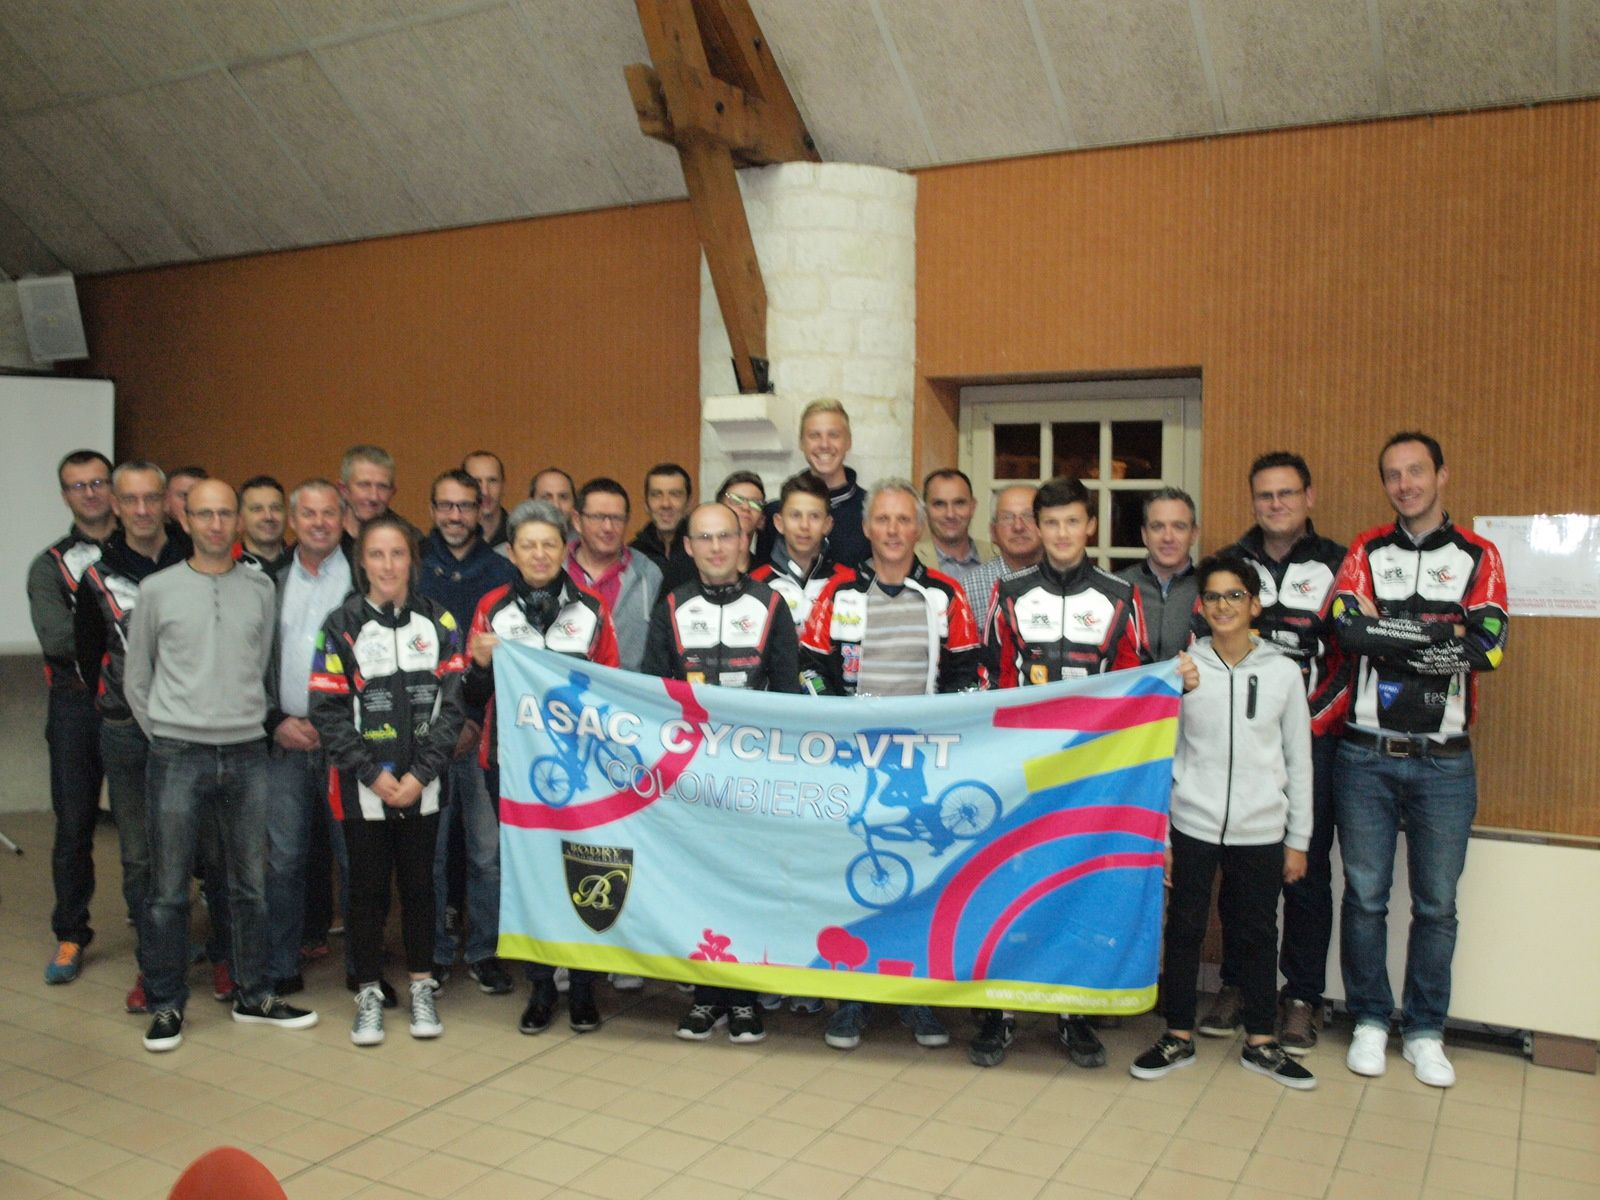 ASSEMBLEE  GENERAL CLUB ASAC COLOMBIERS 86